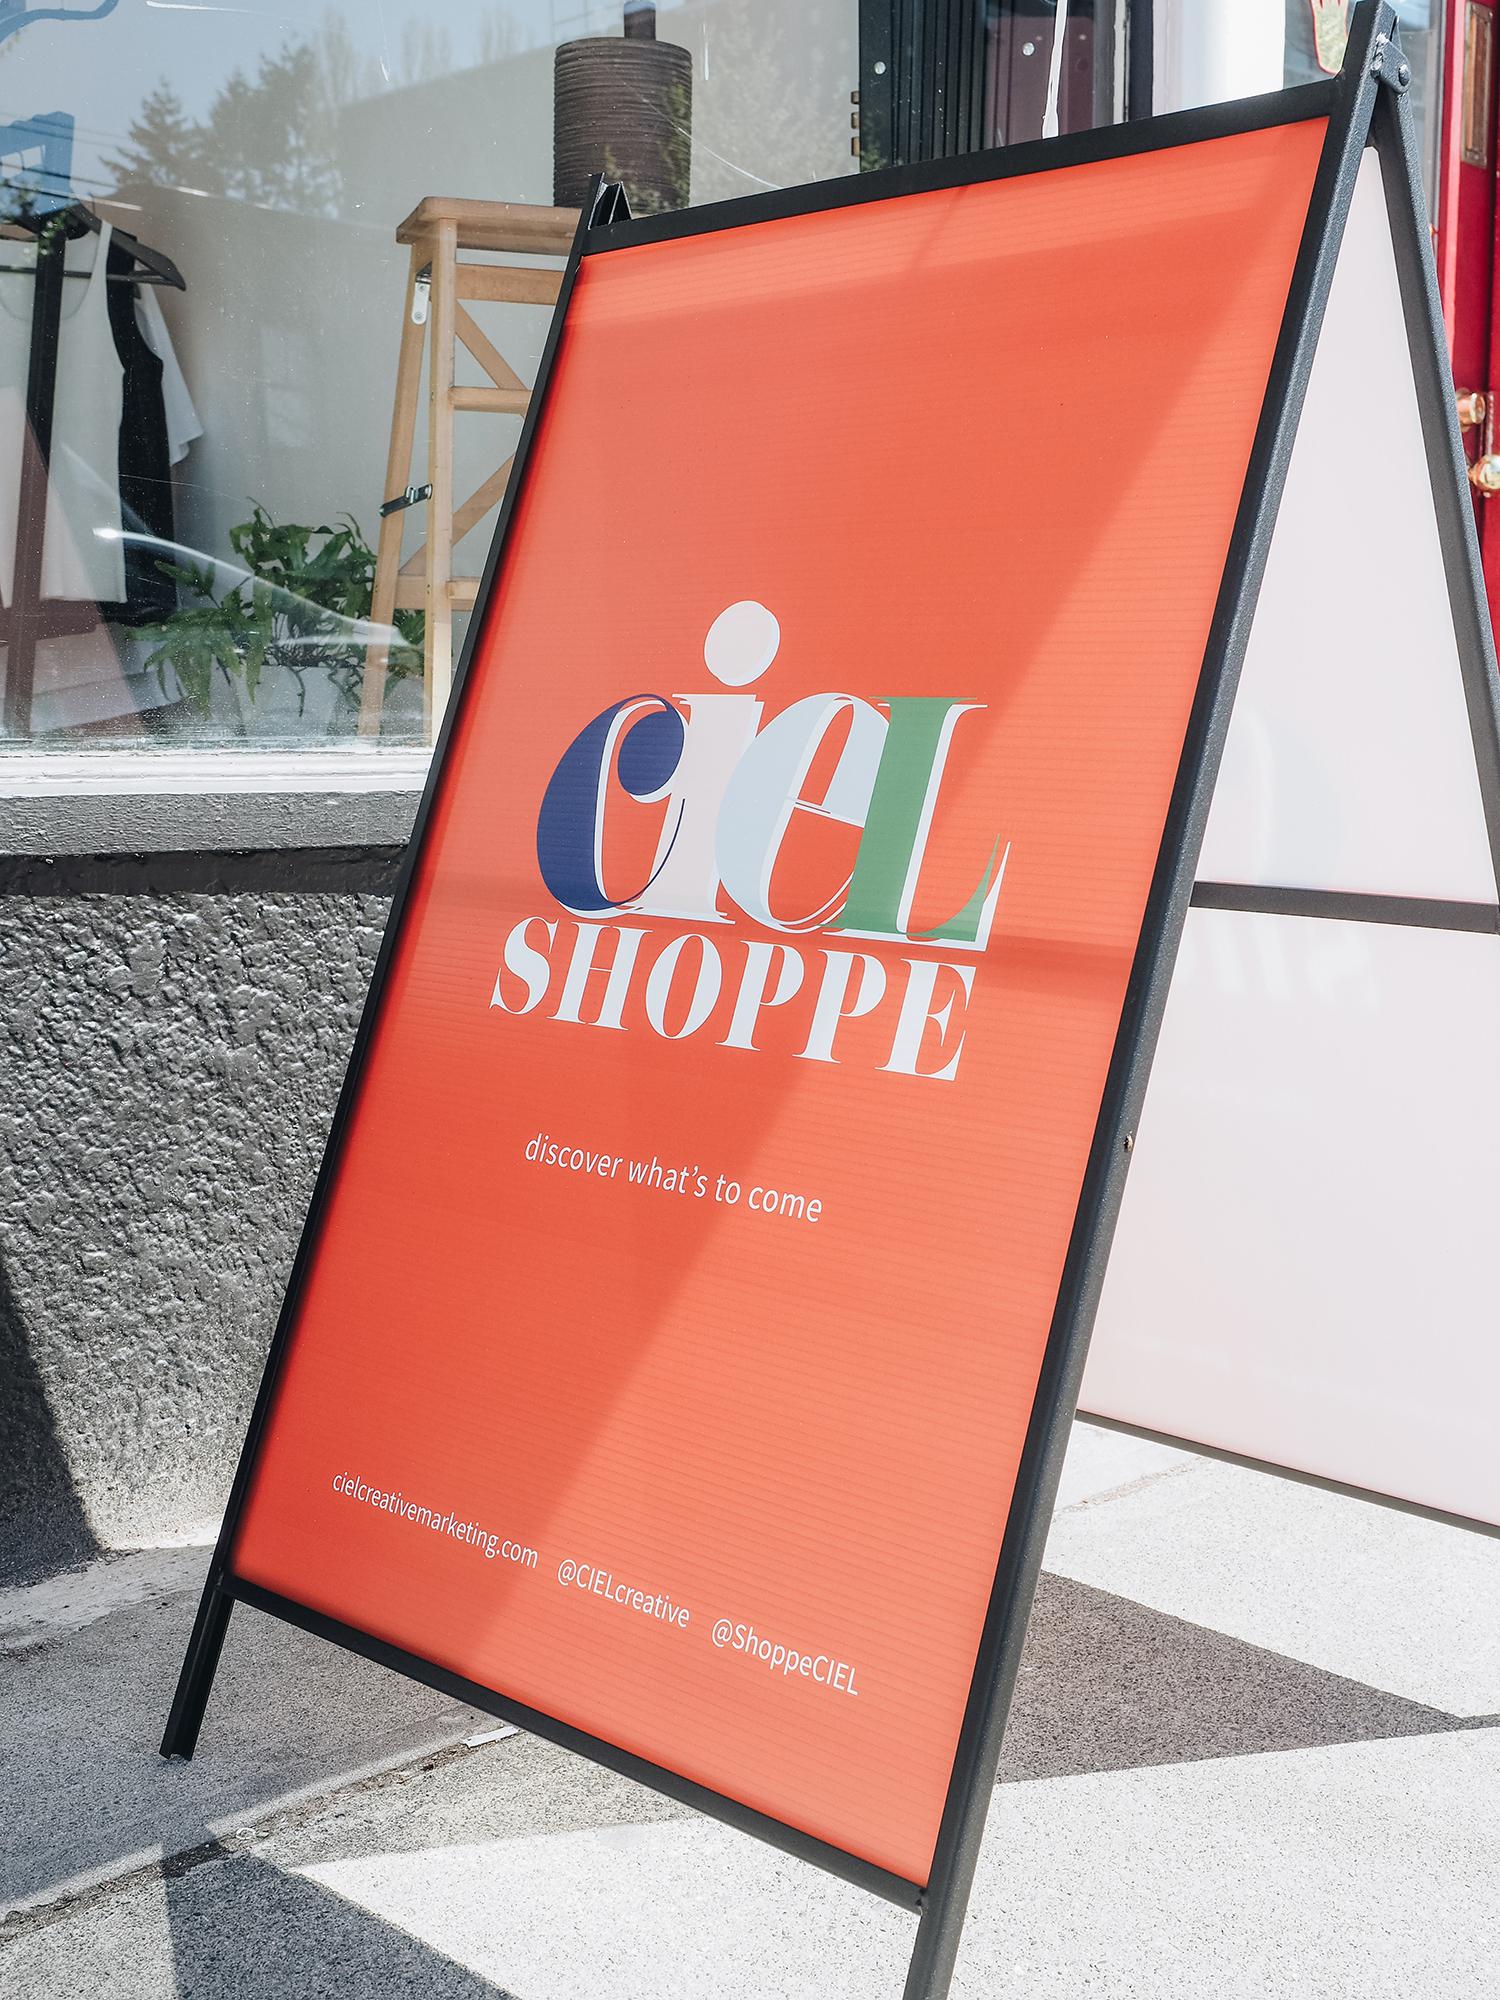 CIEL_Shoppe_Vancouer_pop_up-4200403 copy.jpg